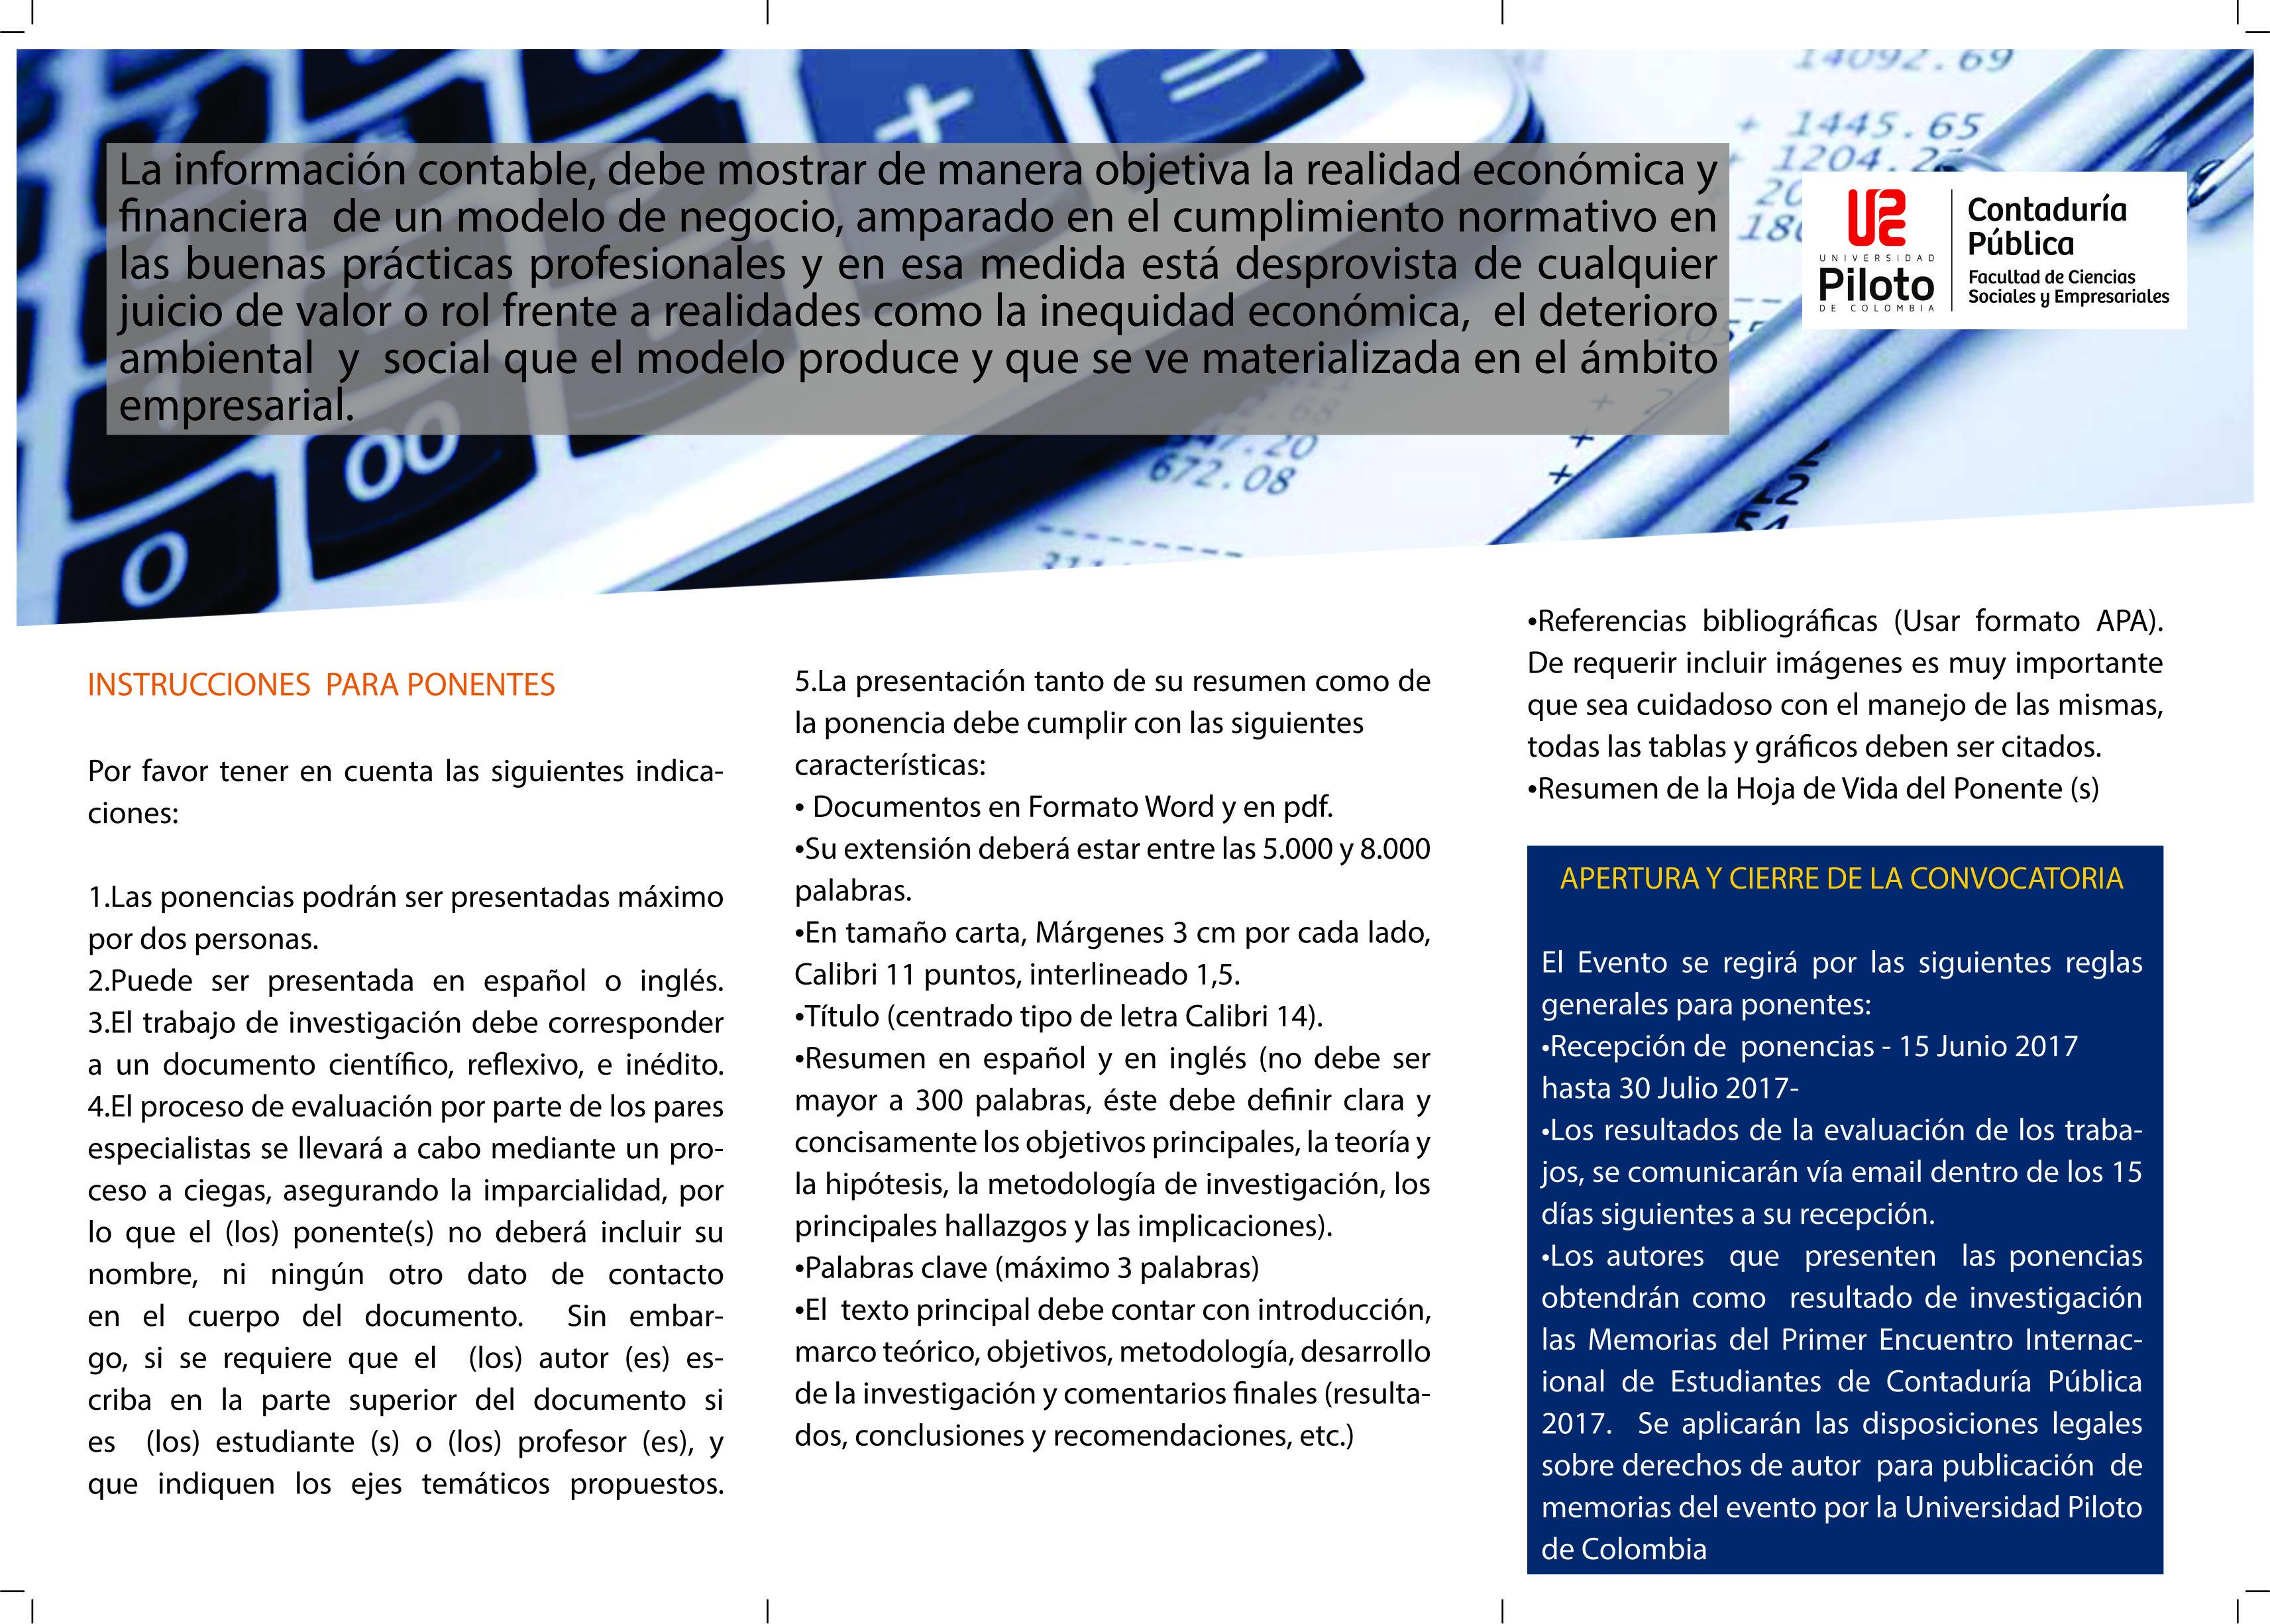 Universidad Piloto de Colombia – PRIMER ENCUENTRO INTERNACIONAL DE ...